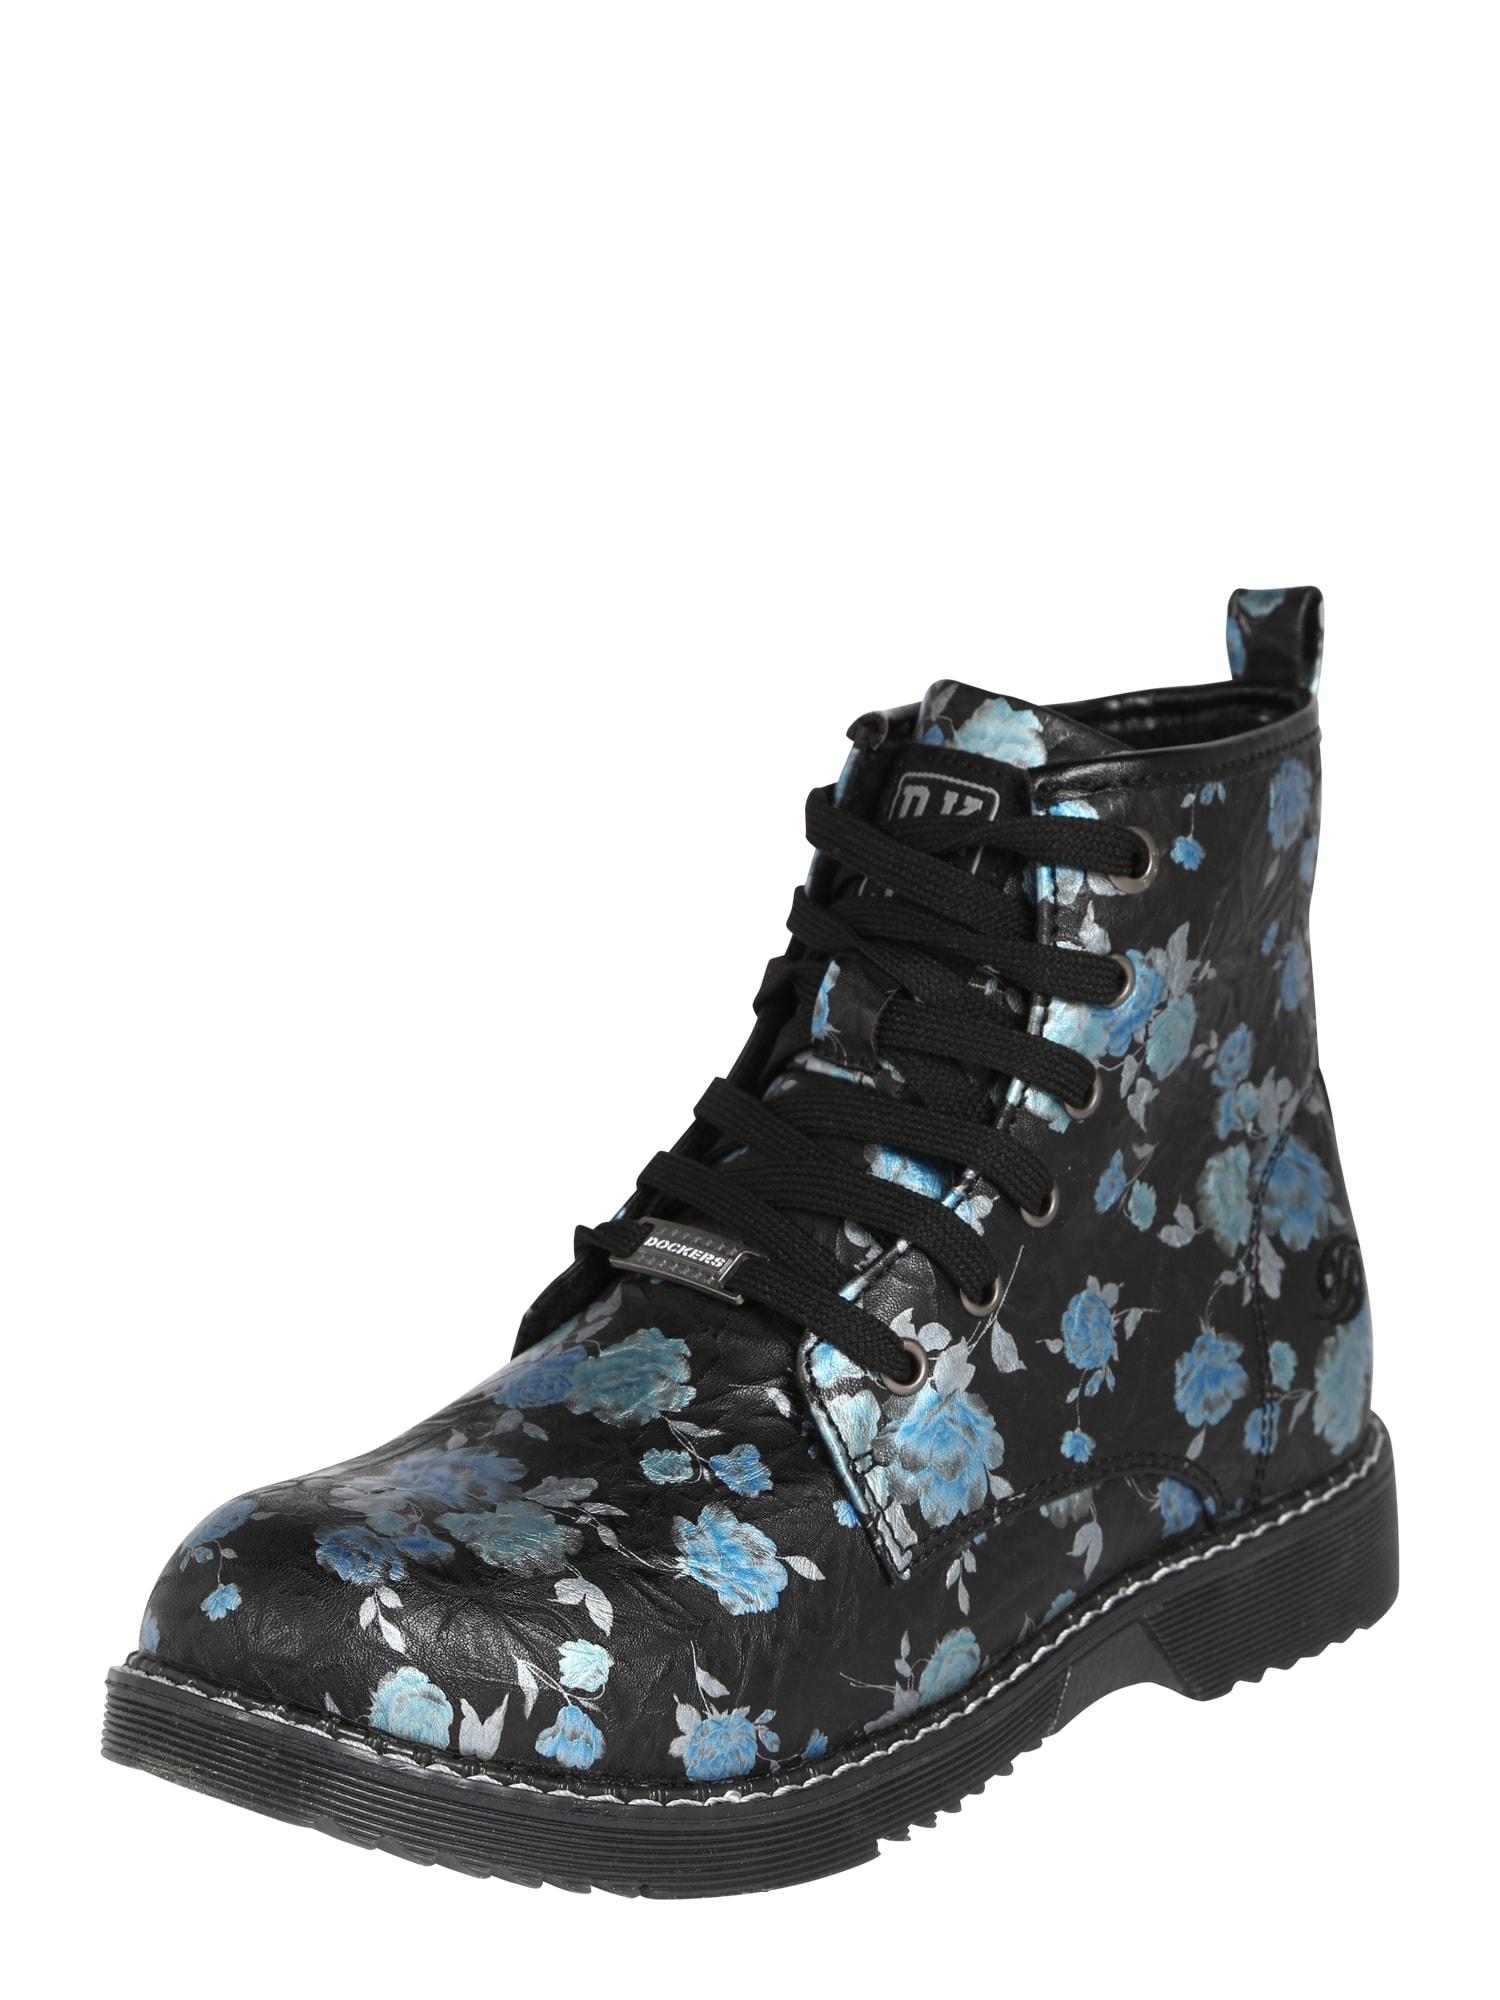 Dockers by Gerli Auliniai batai su kulniuku '43CU738' mėlyna / juoda